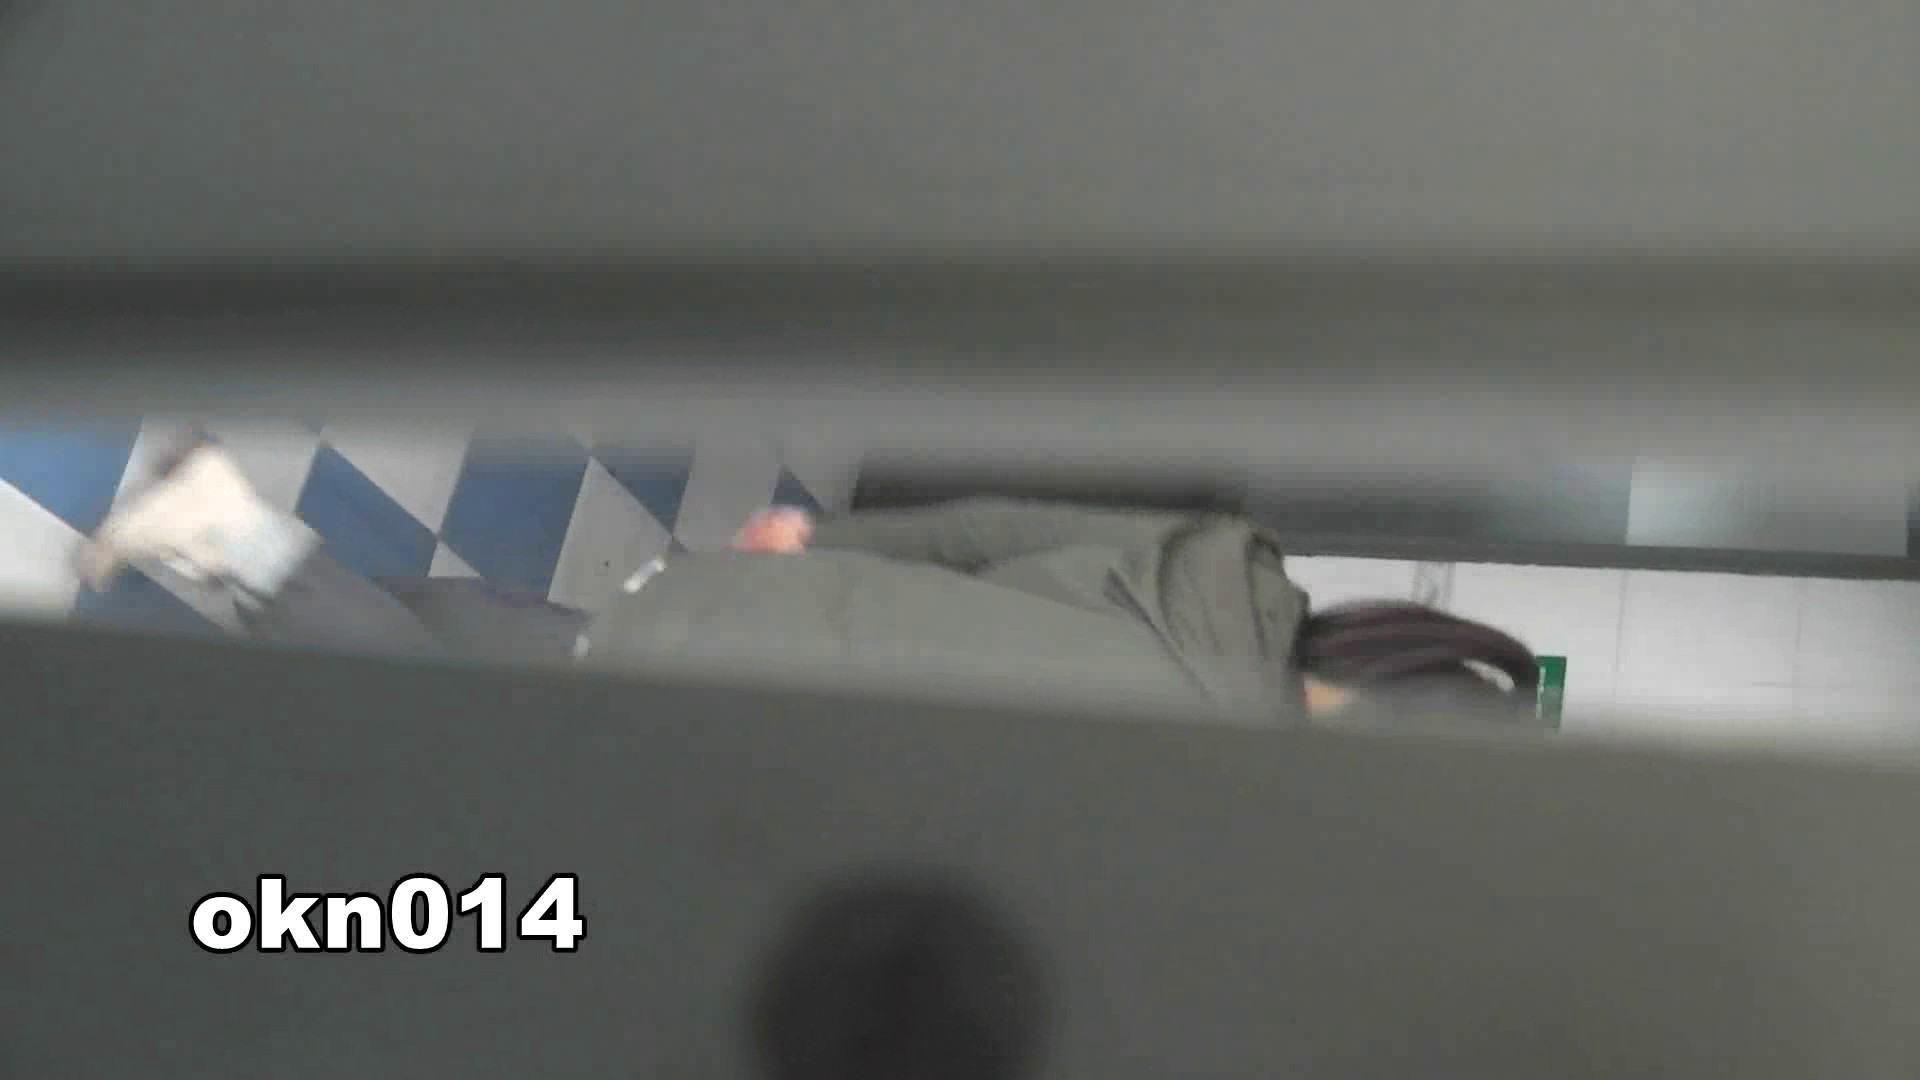 下からノゾム vol.014 リボンたん 丸見え ワレメ無修正動画無料 79枚 27